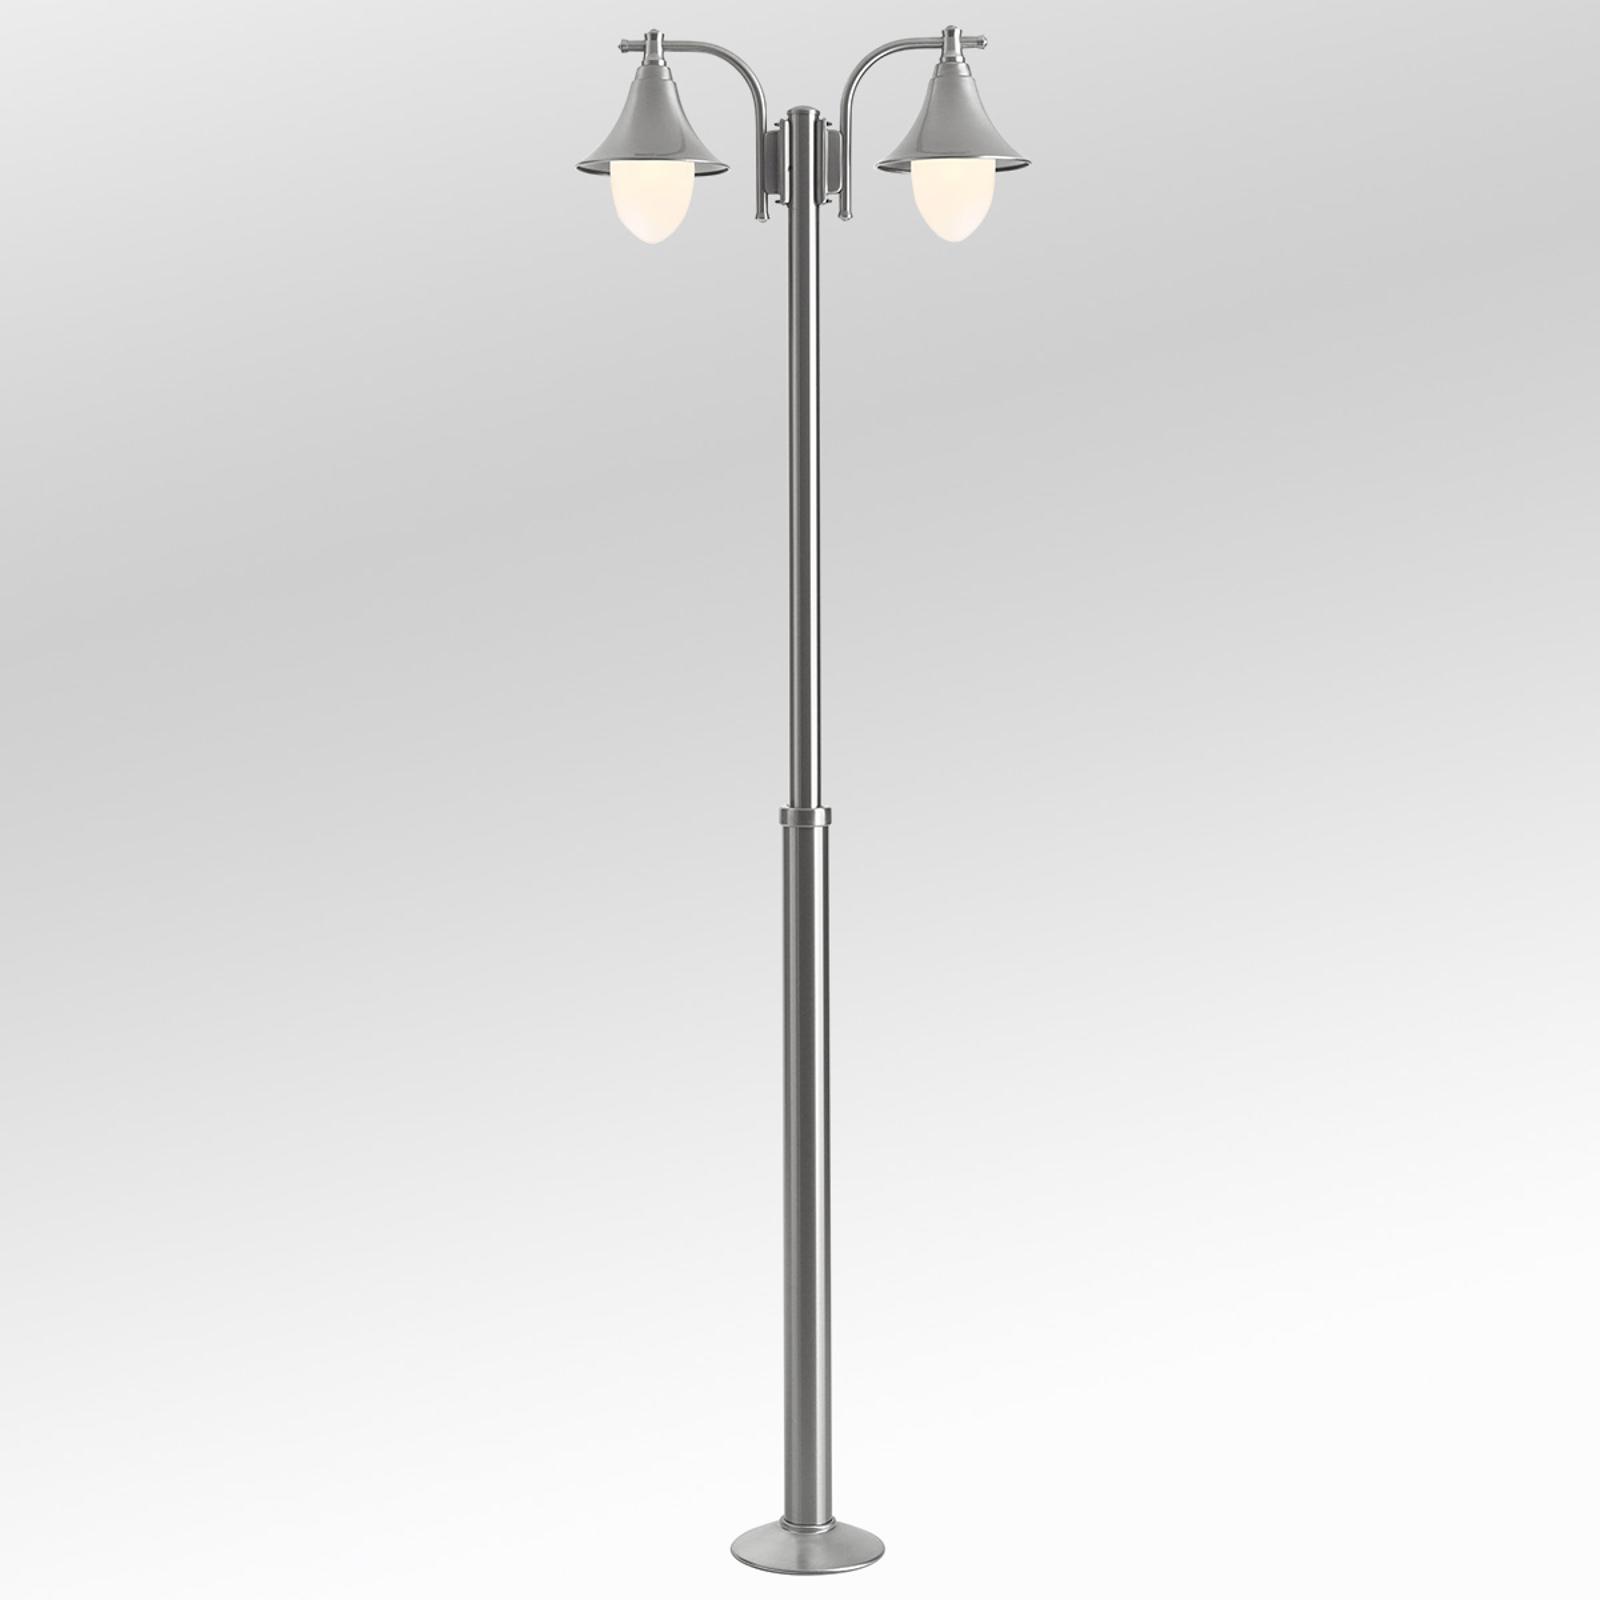 Marlitt two-bulb stainless steel post light_6068073_1